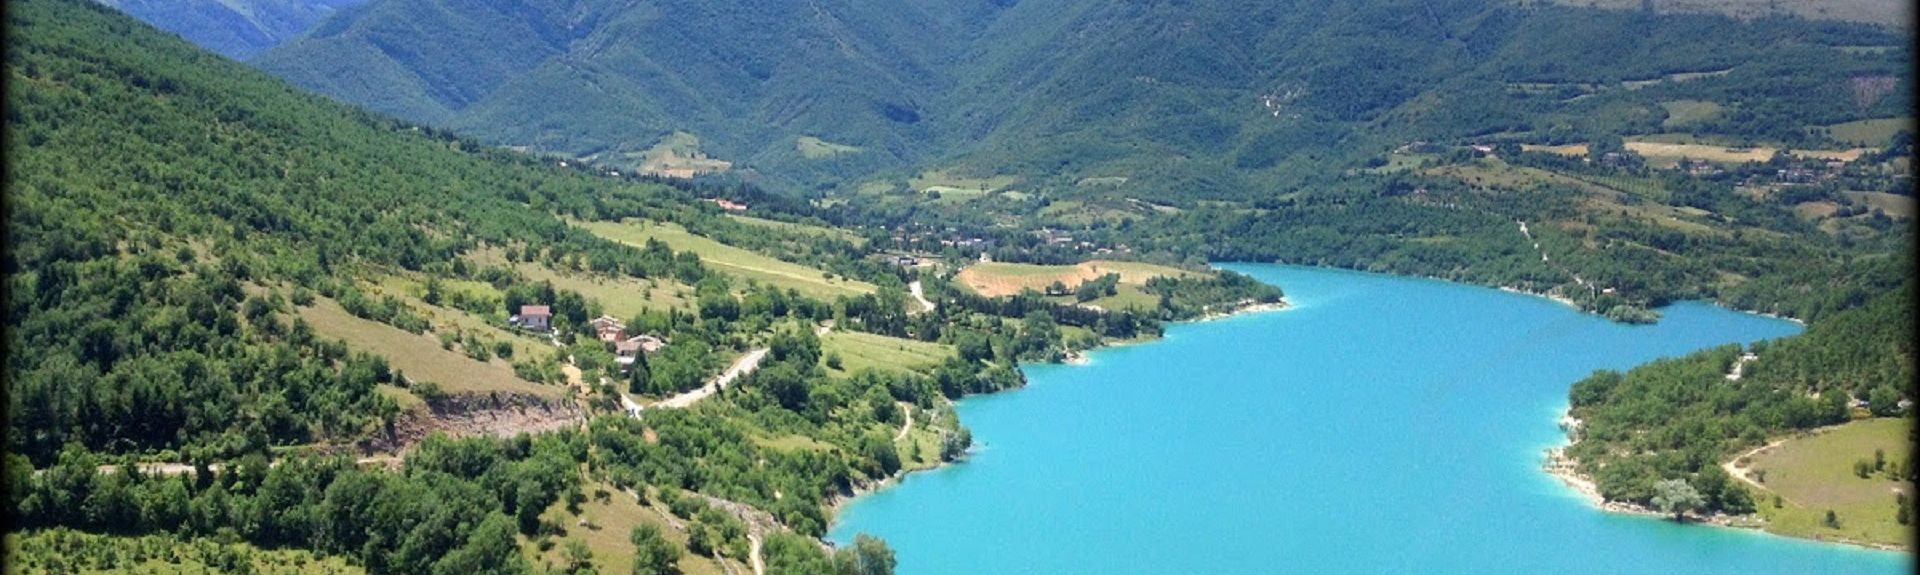 Monteleone di Fermo, Marche, Italië